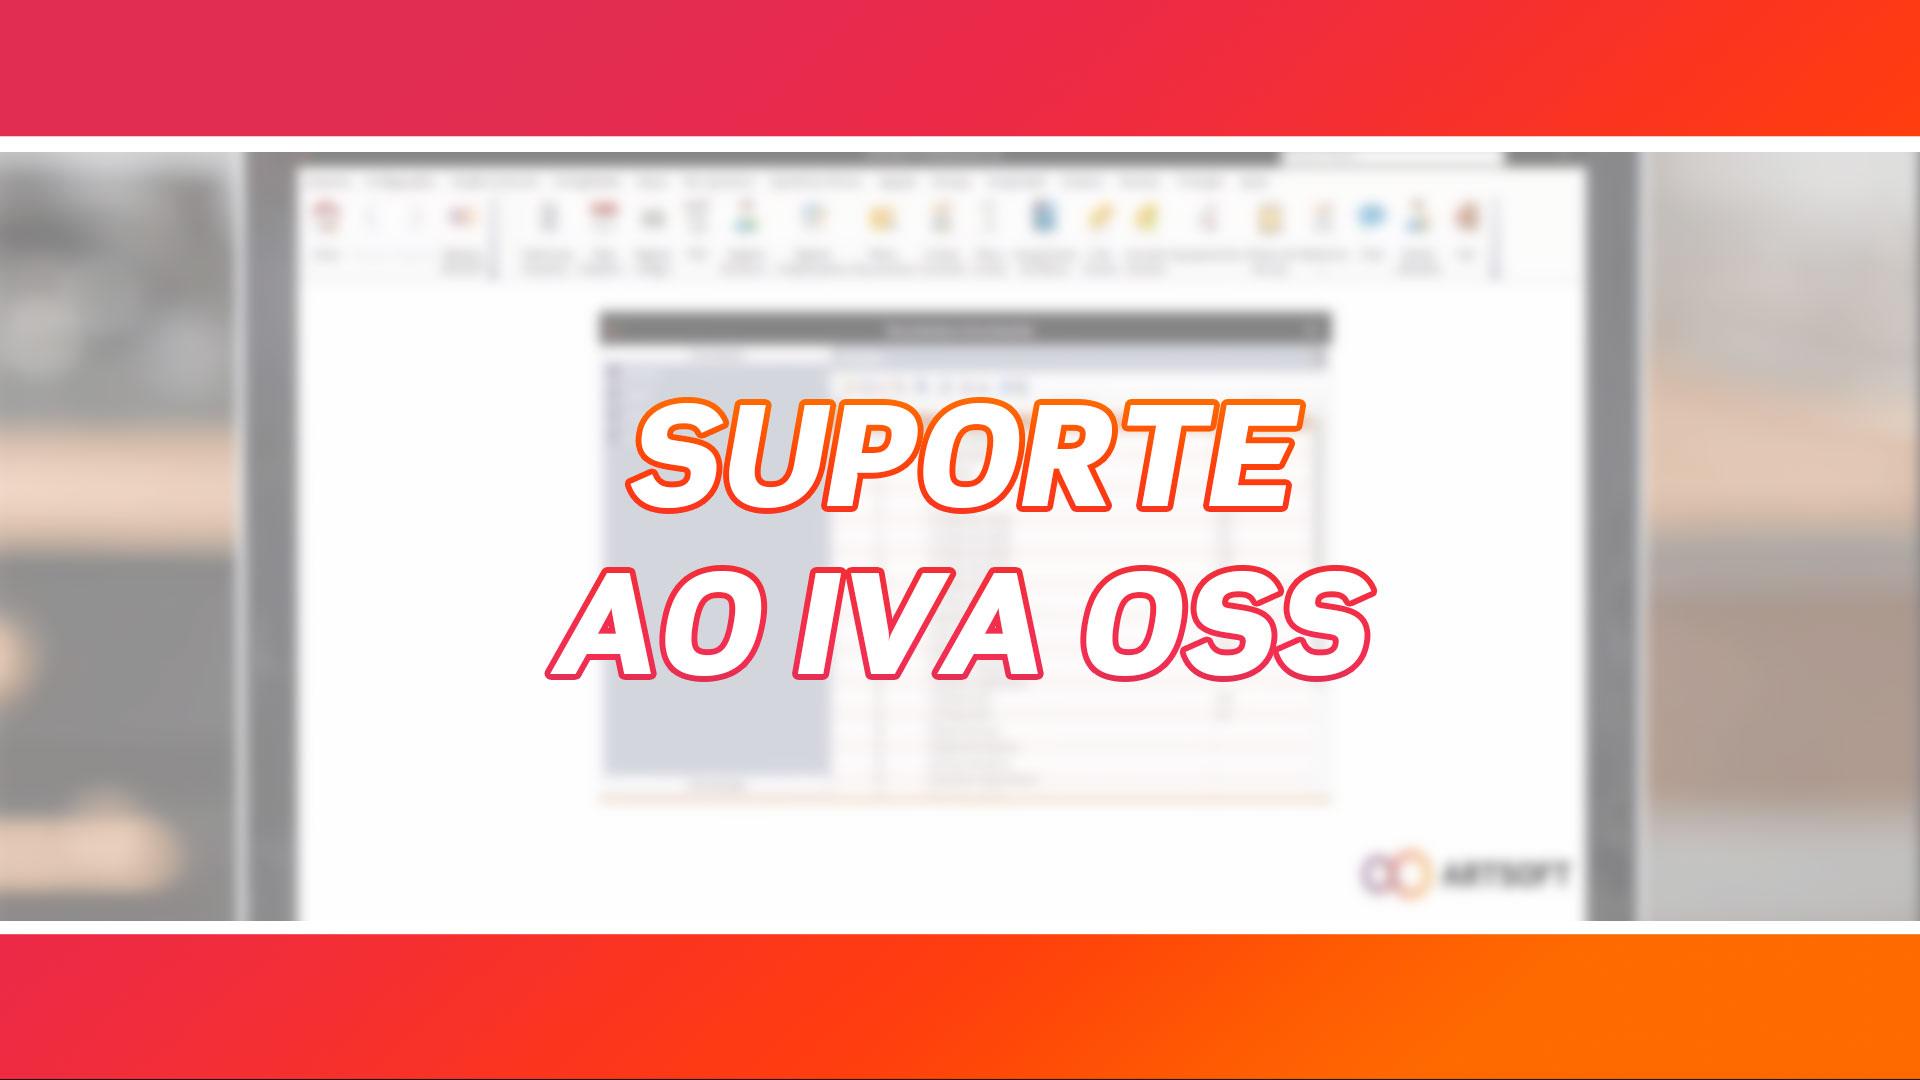 Suporte ao IVA OSS | Disponível com o ARTSOFT